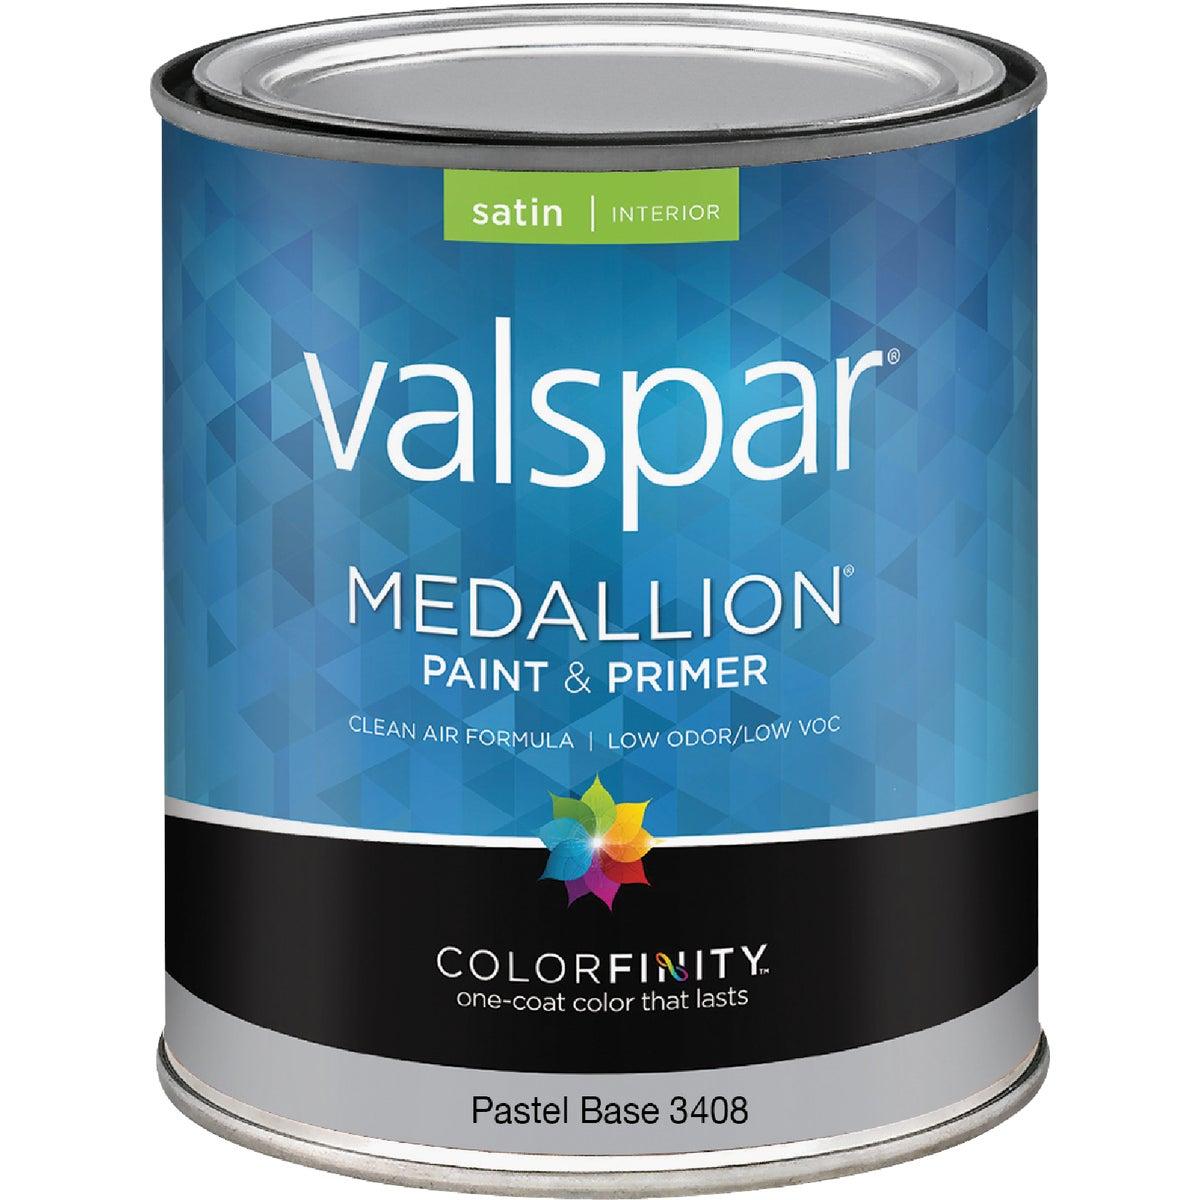 INT SAT PASTEL BS PAINT - 027.0003408.005 by Valspar Corp